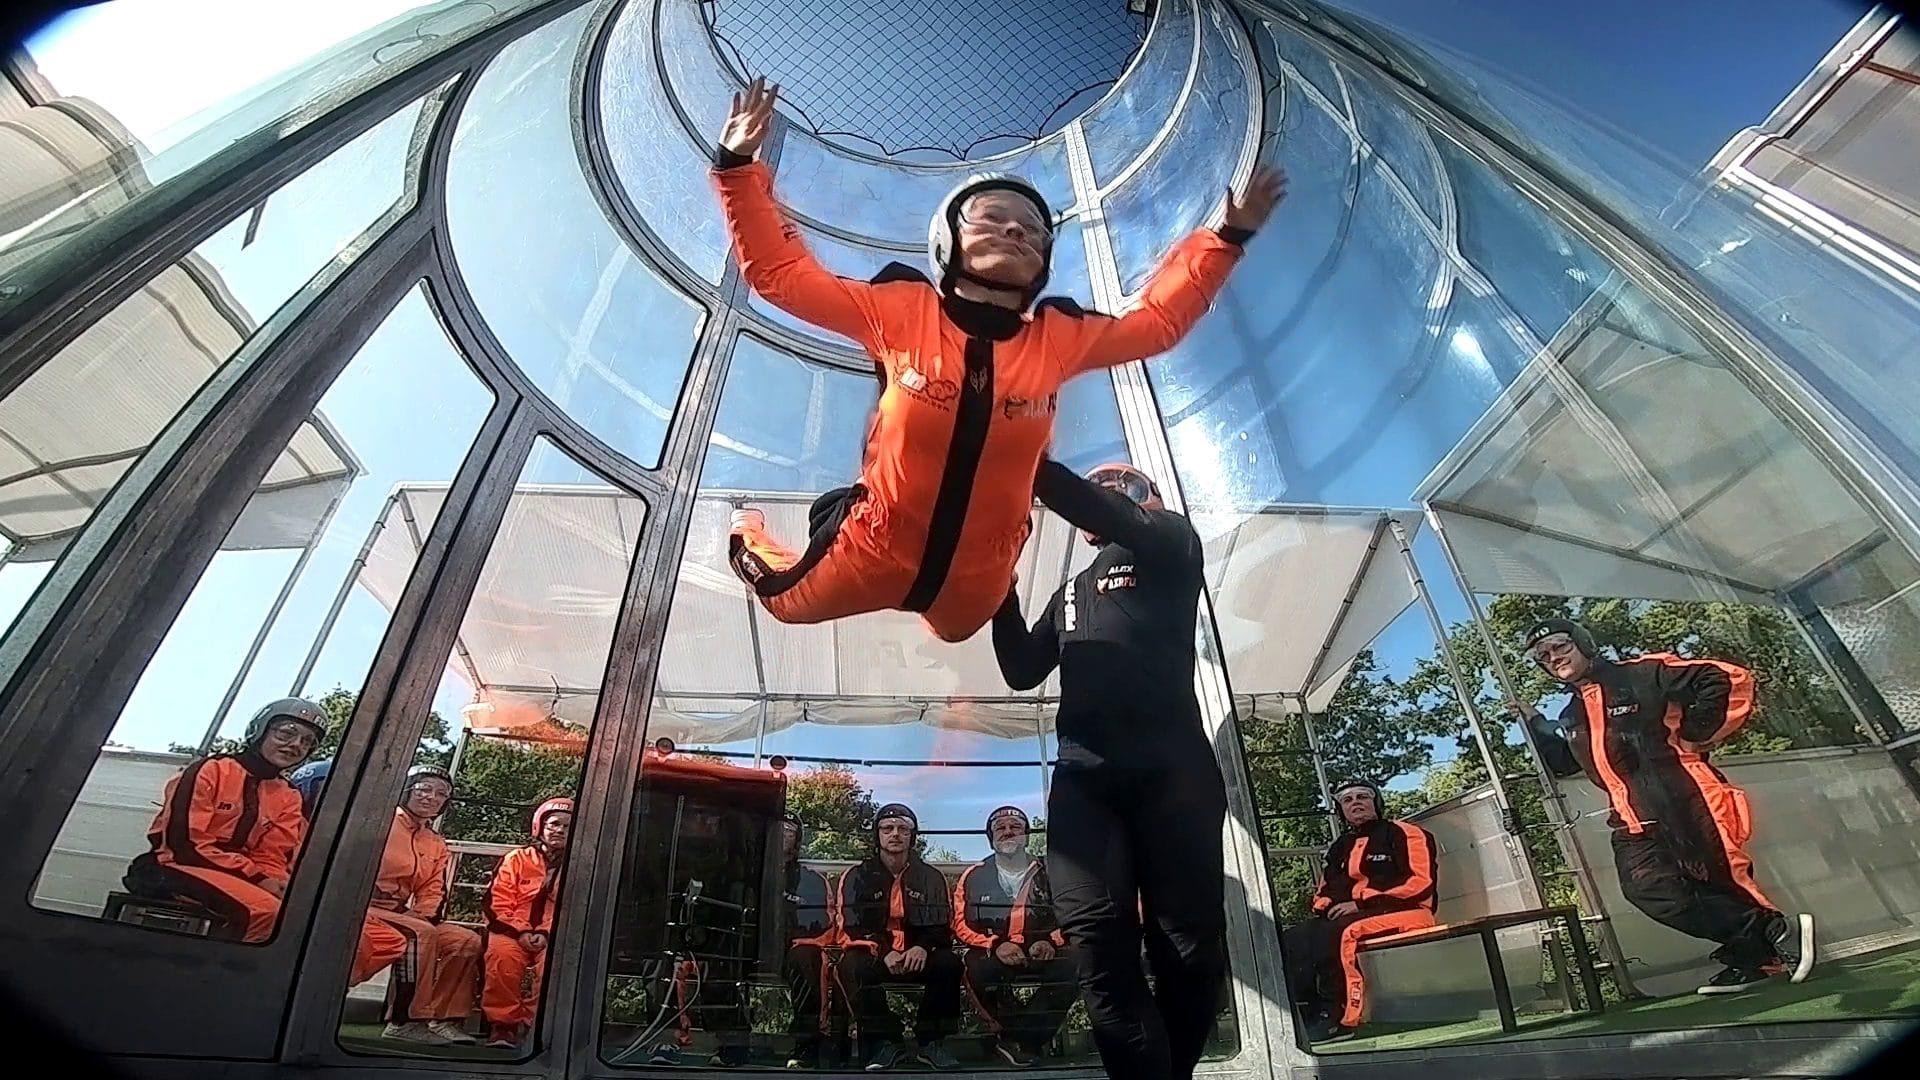 Simulateur de parachute Normandie